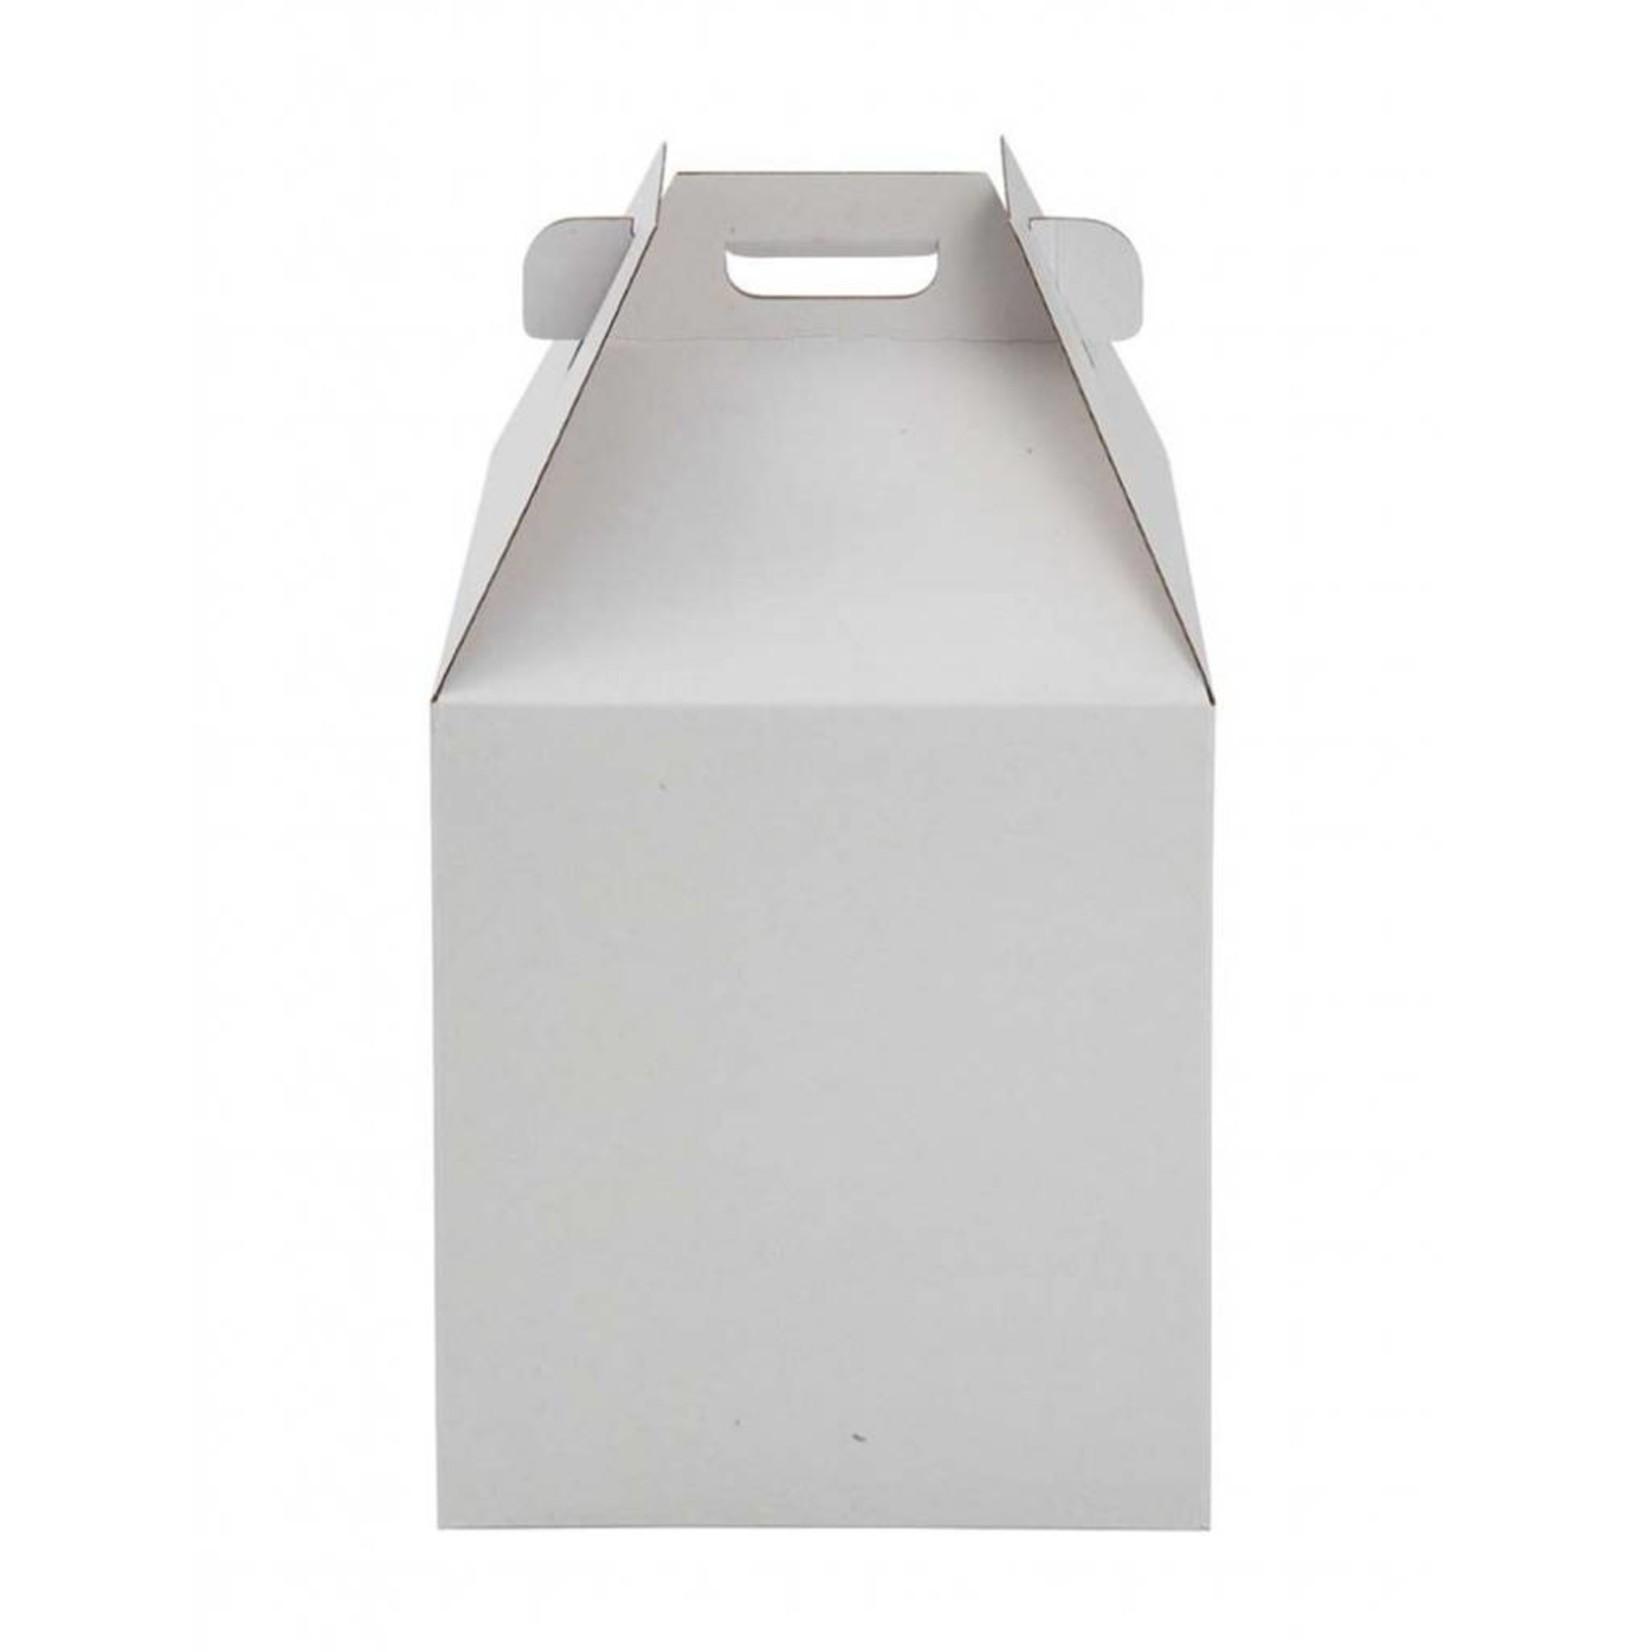 Whalen Whalen - Cake box - Corrugated w/out window - 16x16x18''